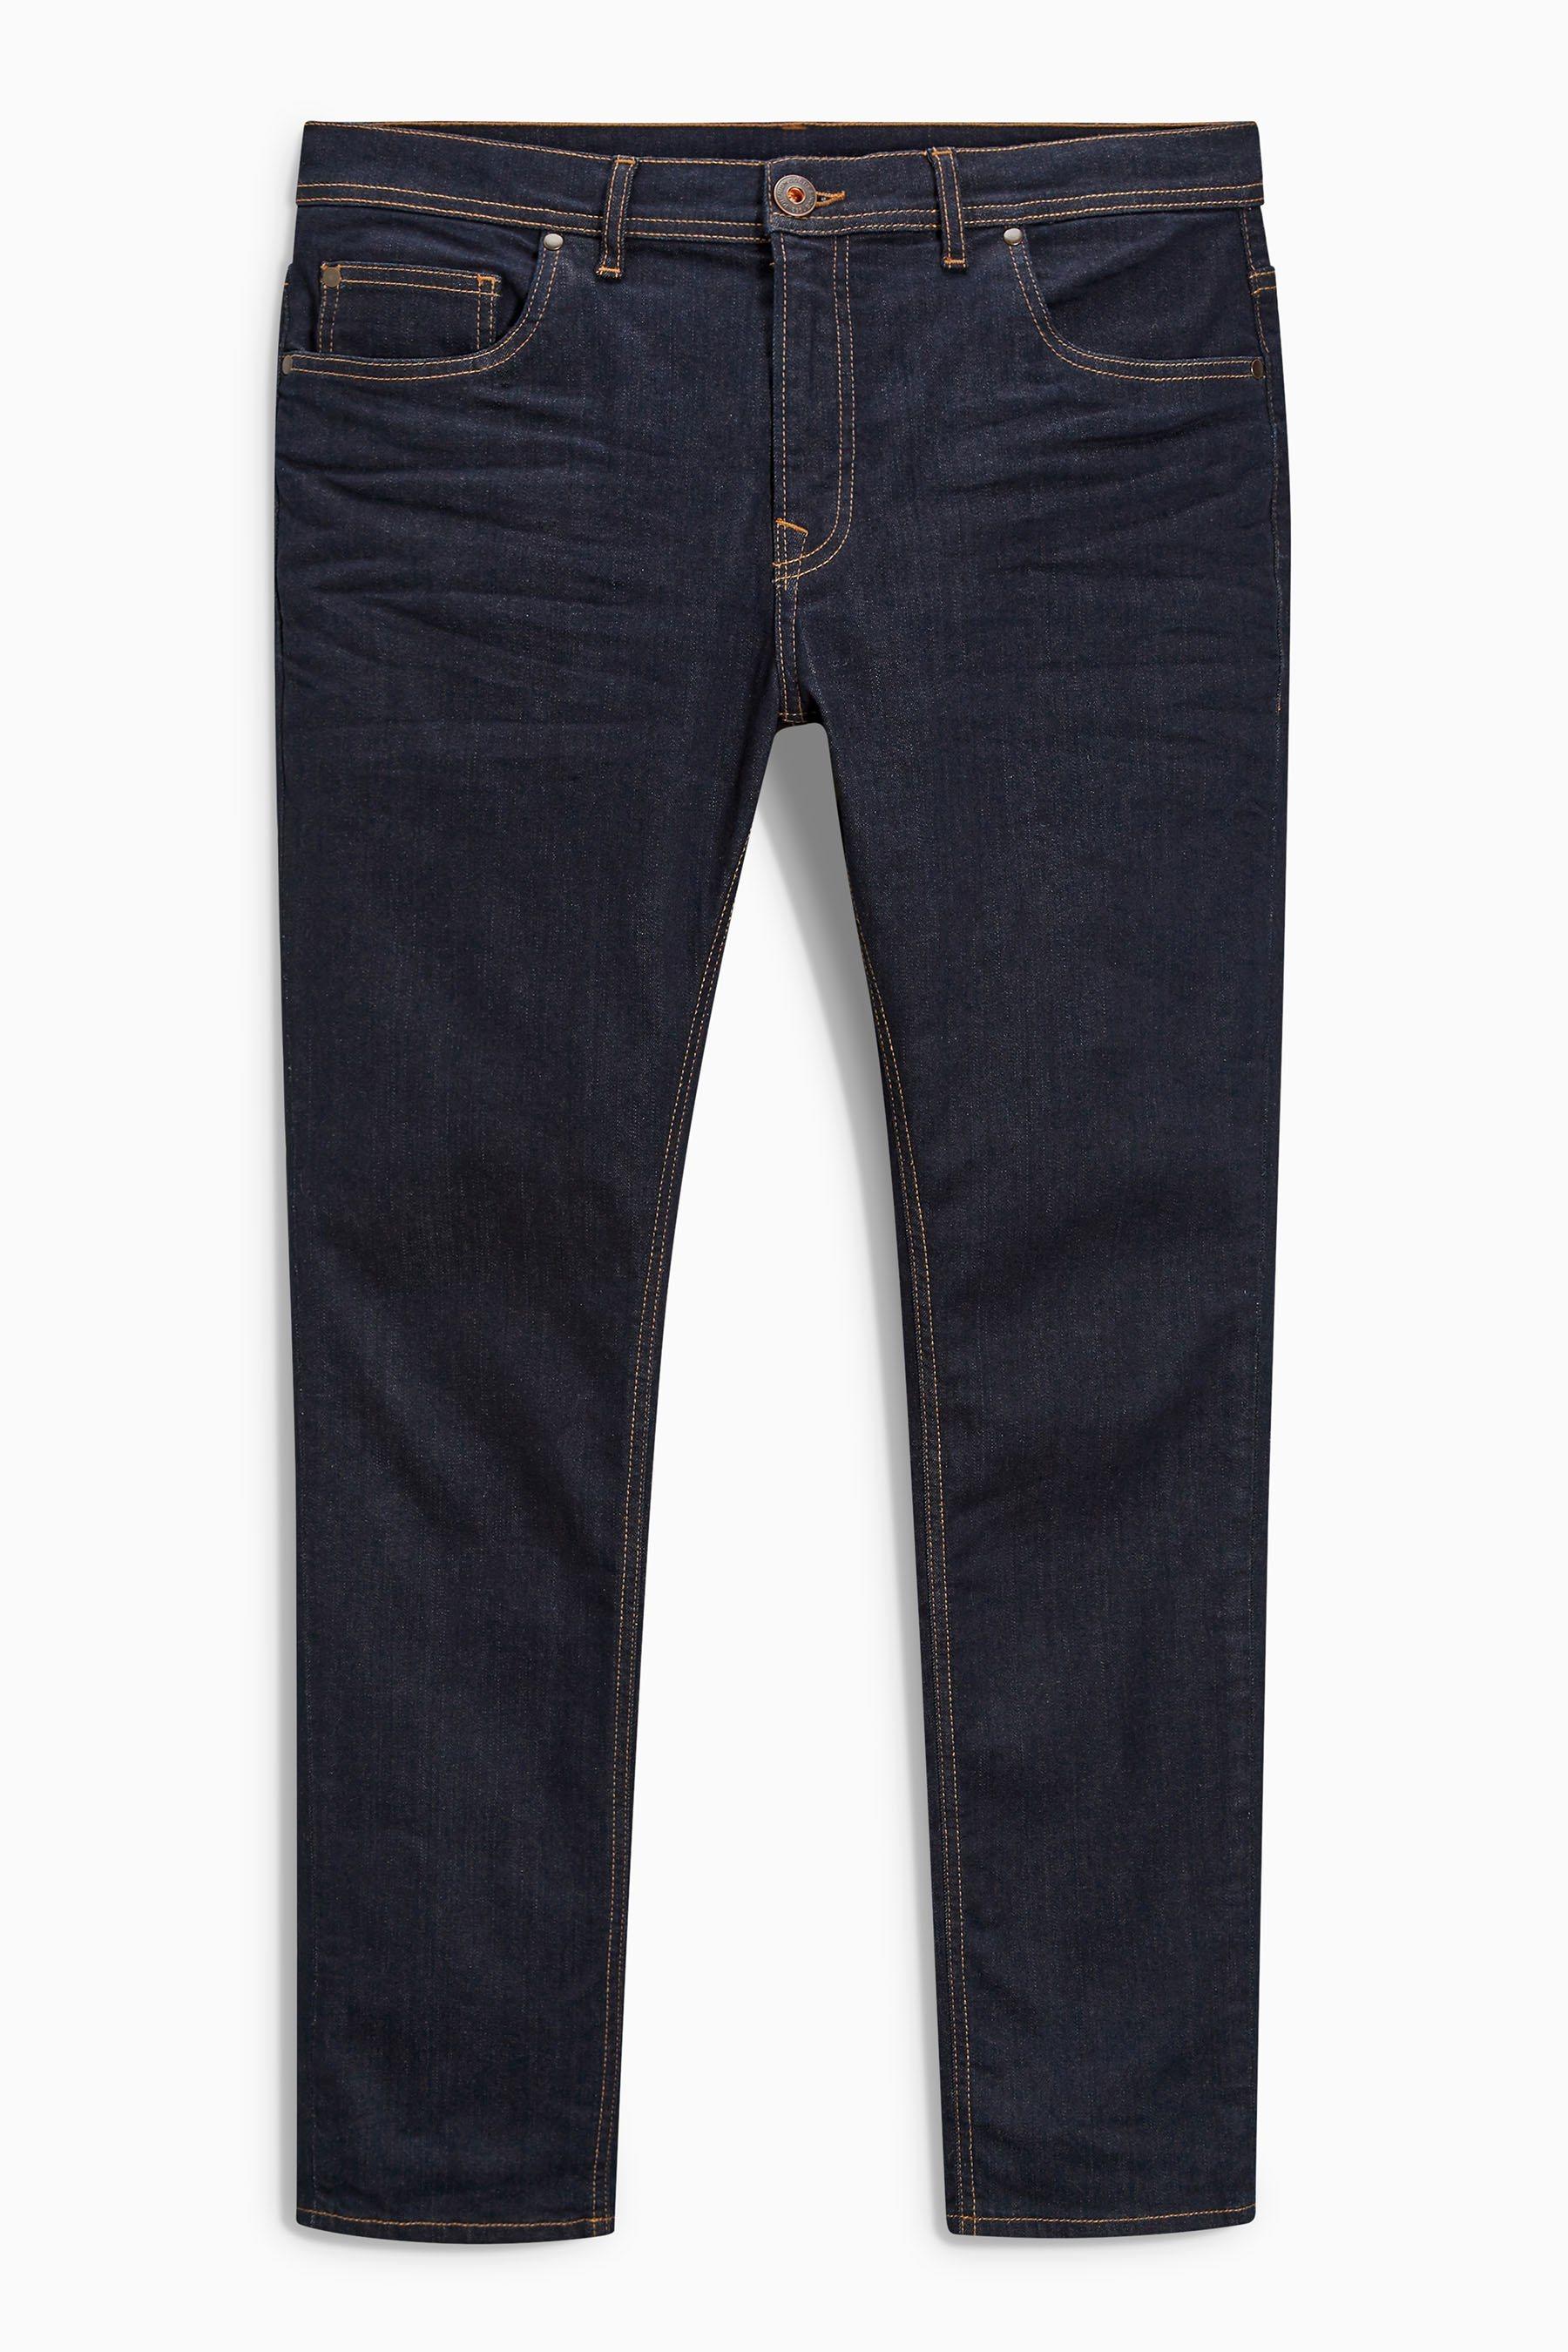 Next Skinny-Fit Dark Ink Stretch-Jeans